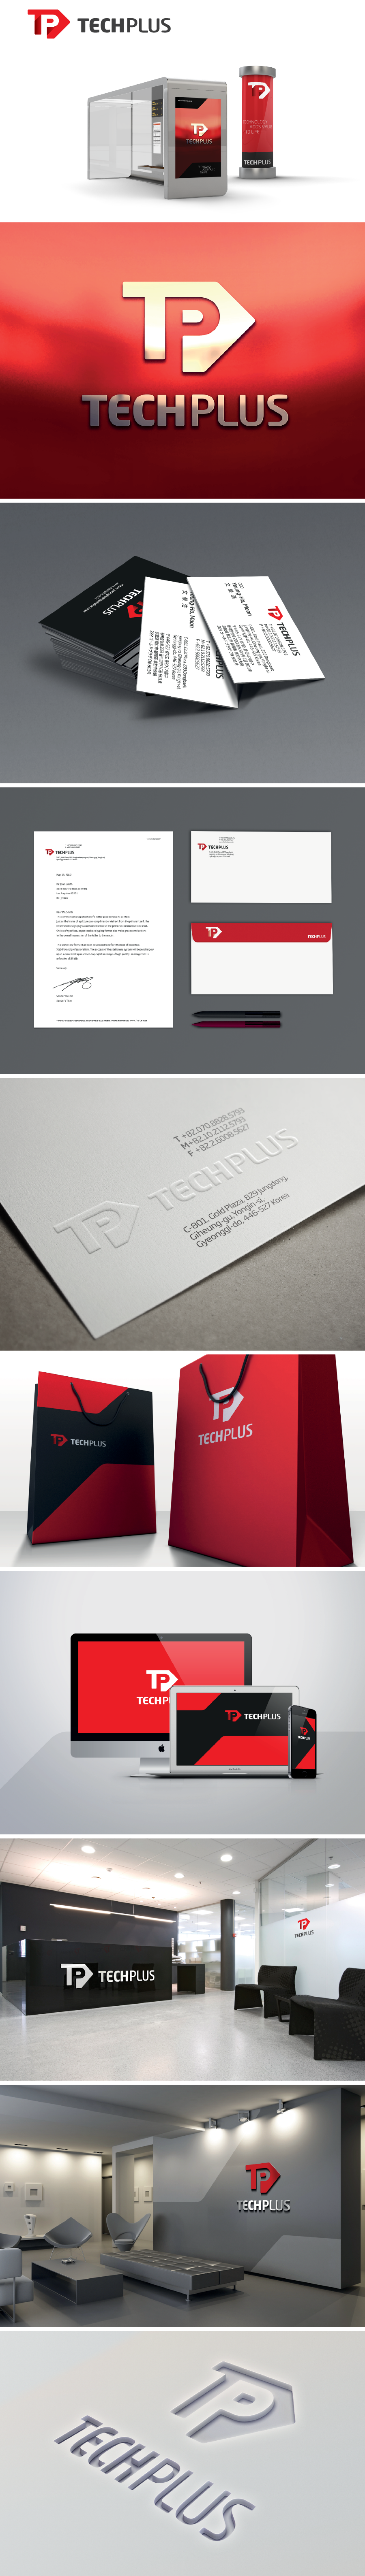 techplus-si-total-900